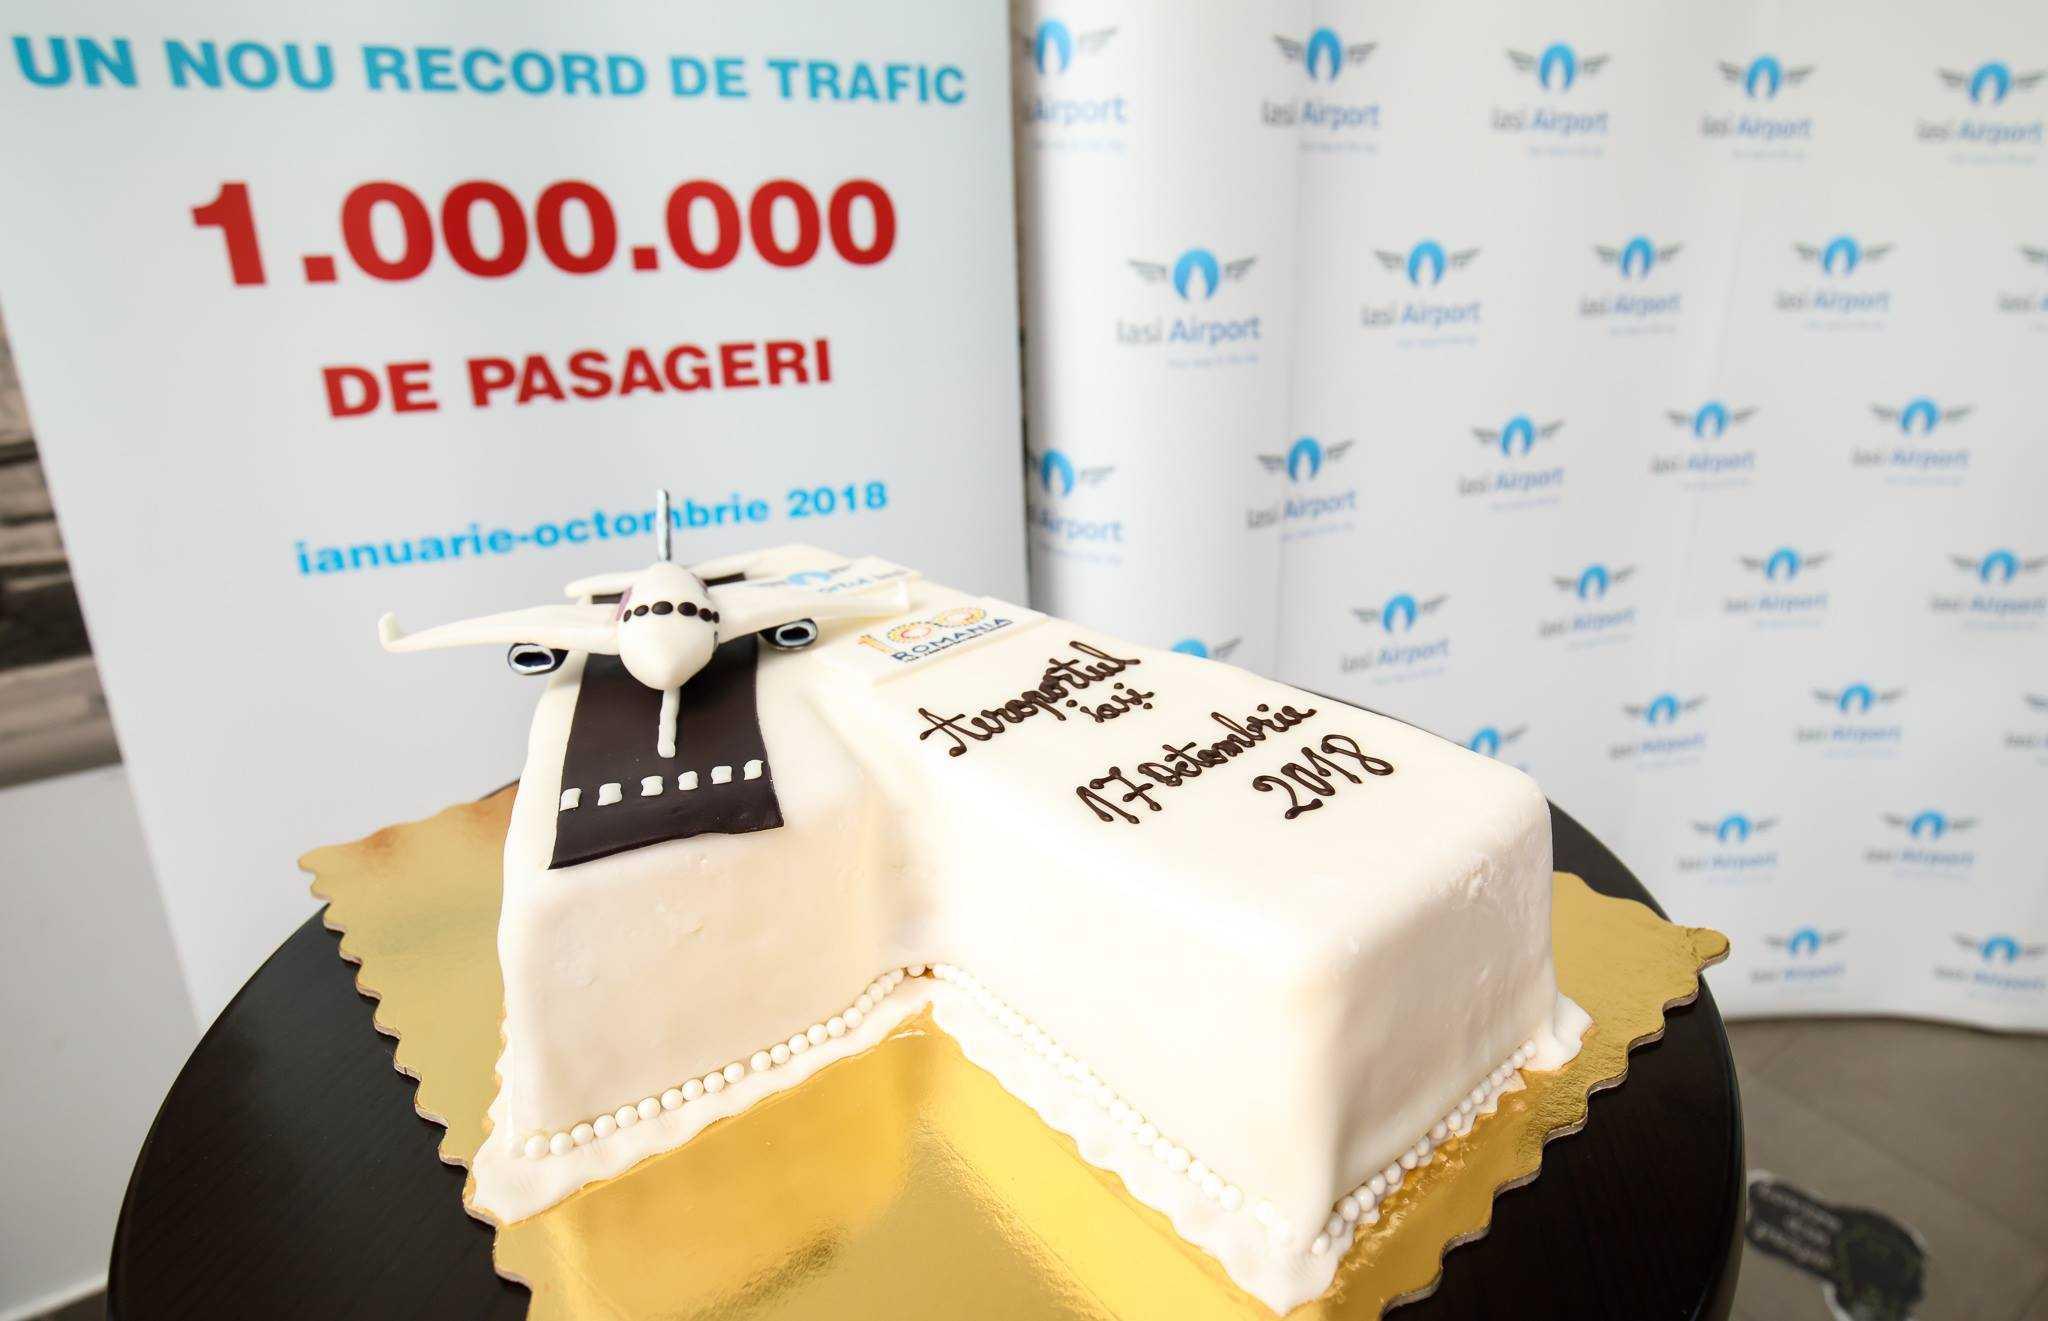 1-million-passenger-Ia-2